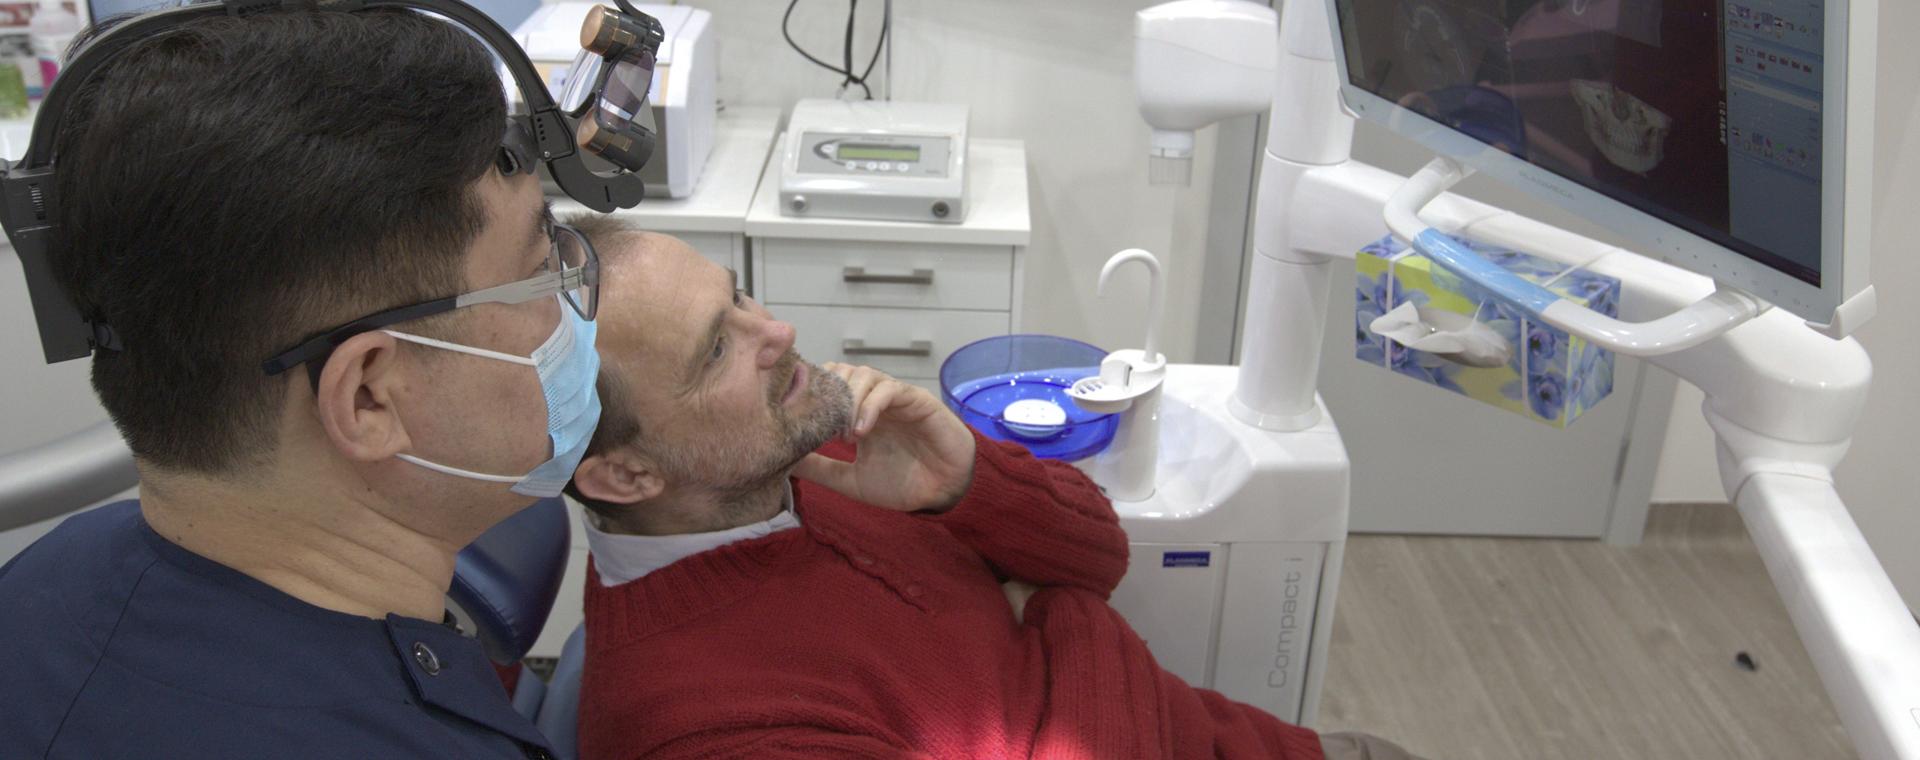 Epping Beyond Dental Video